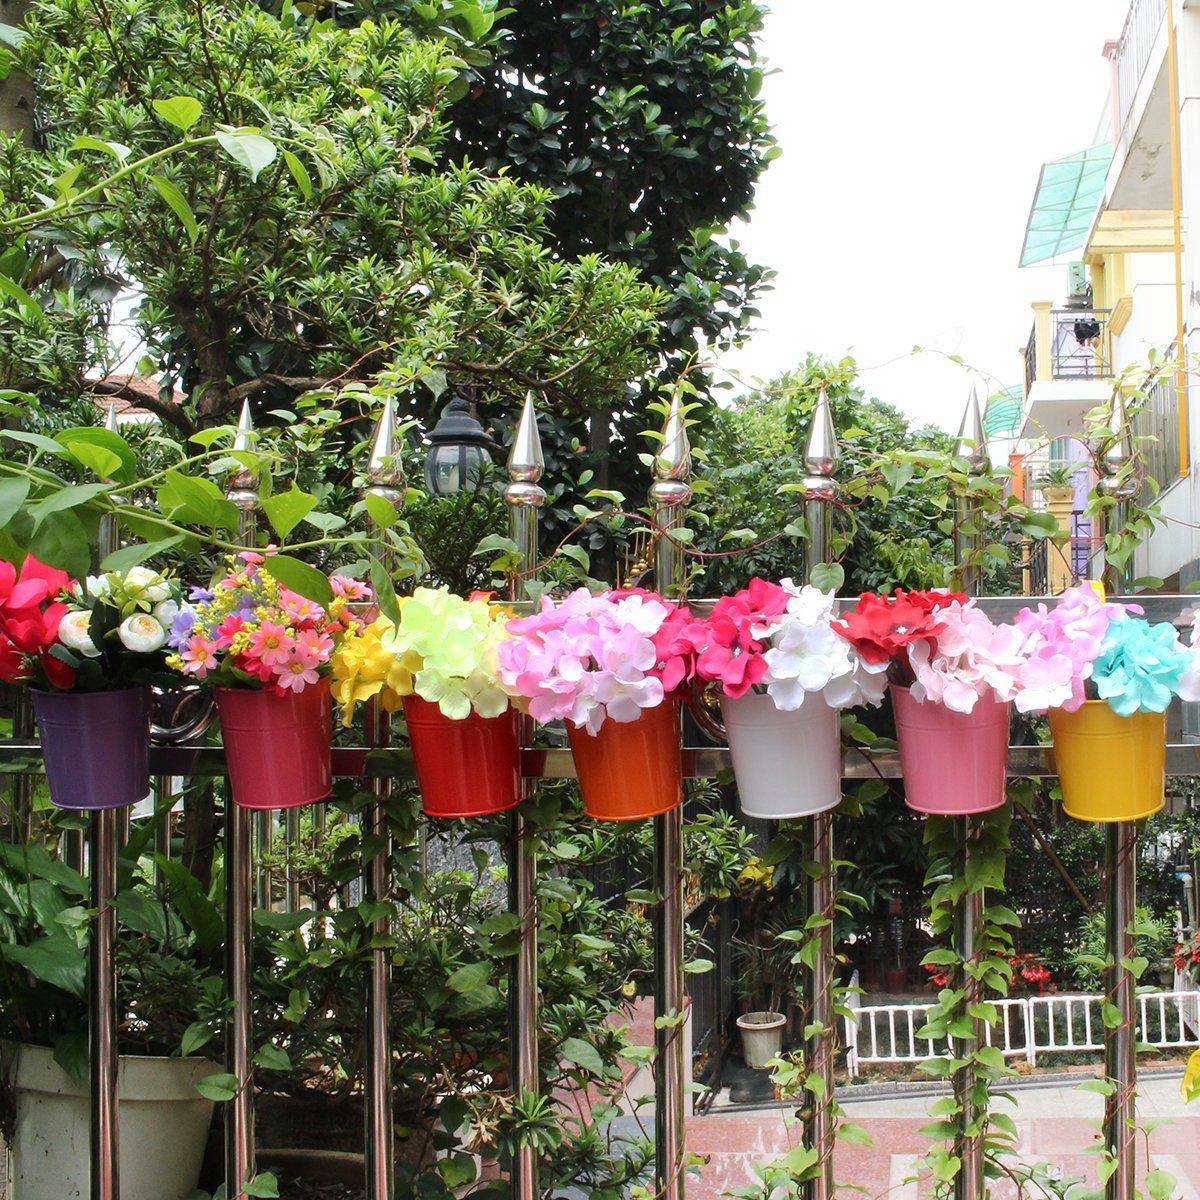 Idee Per Vasi Da Fiori arredare il balcone: idee primaverili - nostrofiglio.it